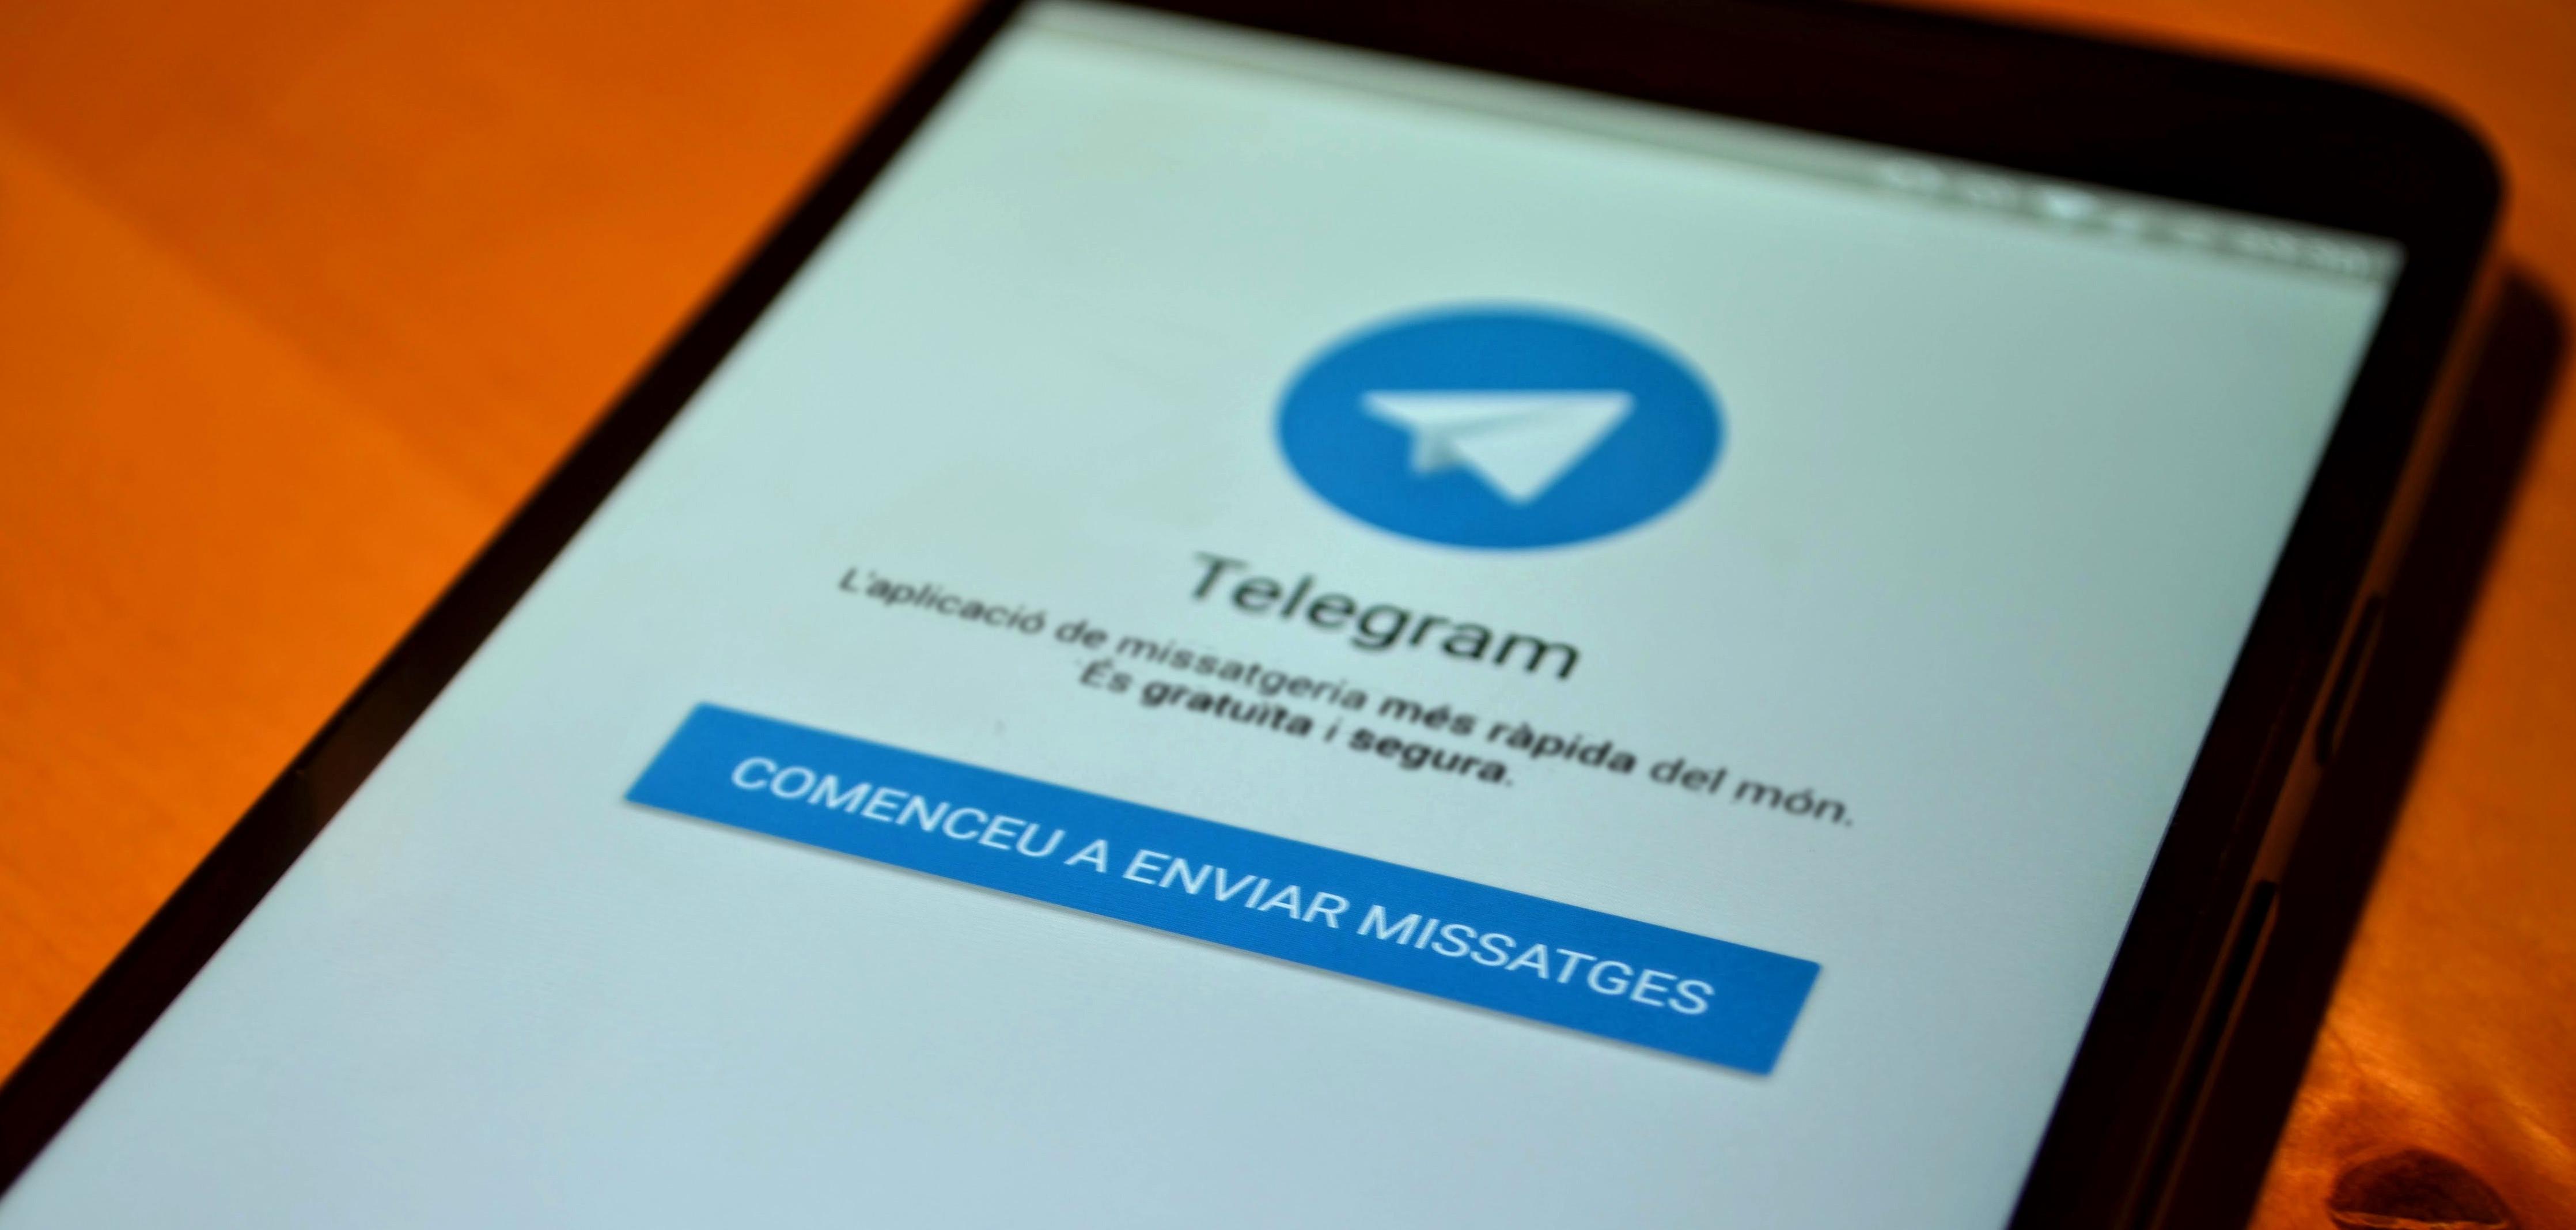 Softcatalà presenta una versió nova del seu robot del Telegram